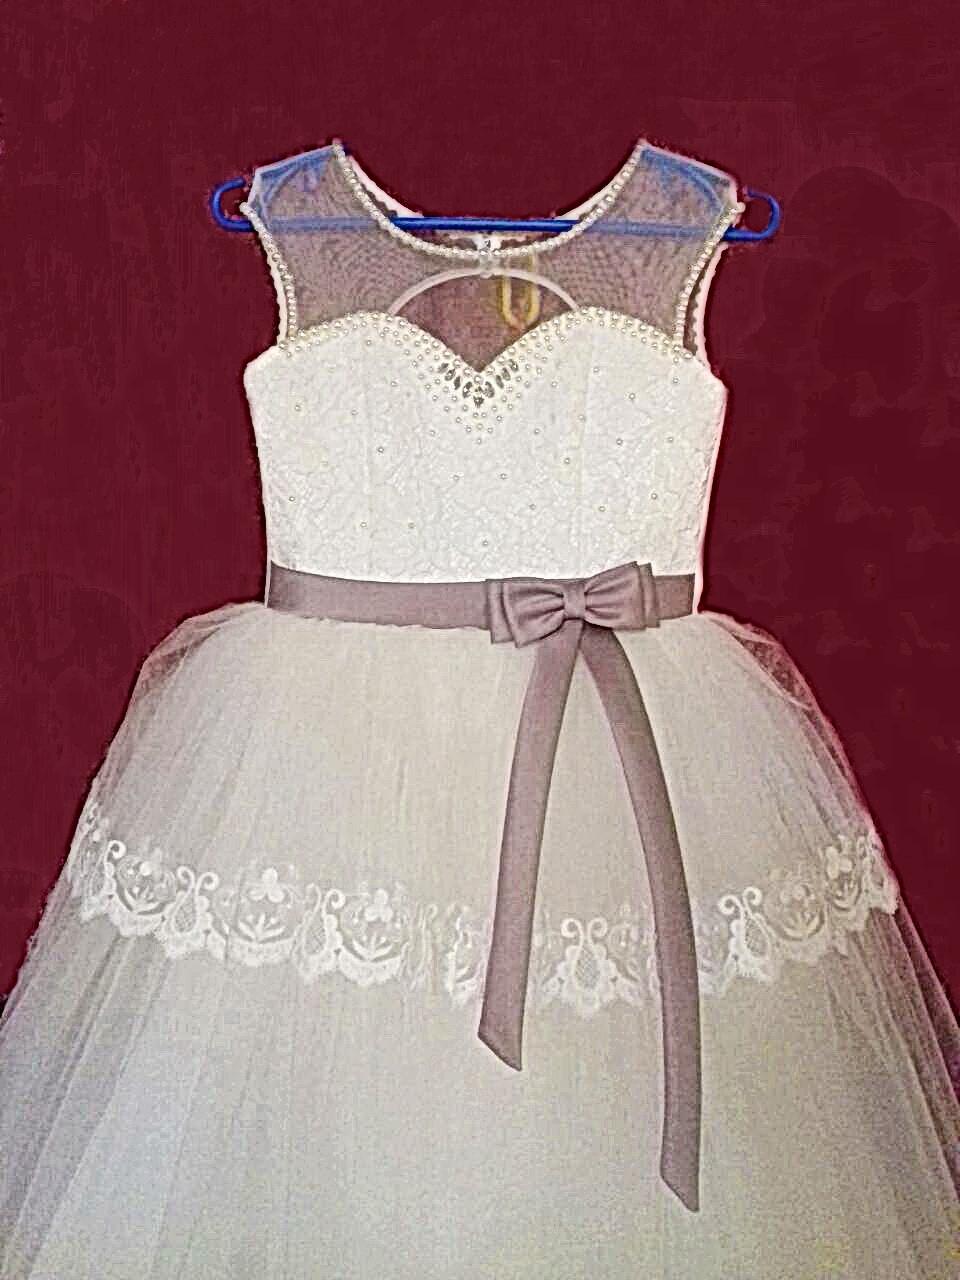 9c5dadf1050 Нарядное бальное платье на девочку 10 лет с пышной фатиновой юбкой ...